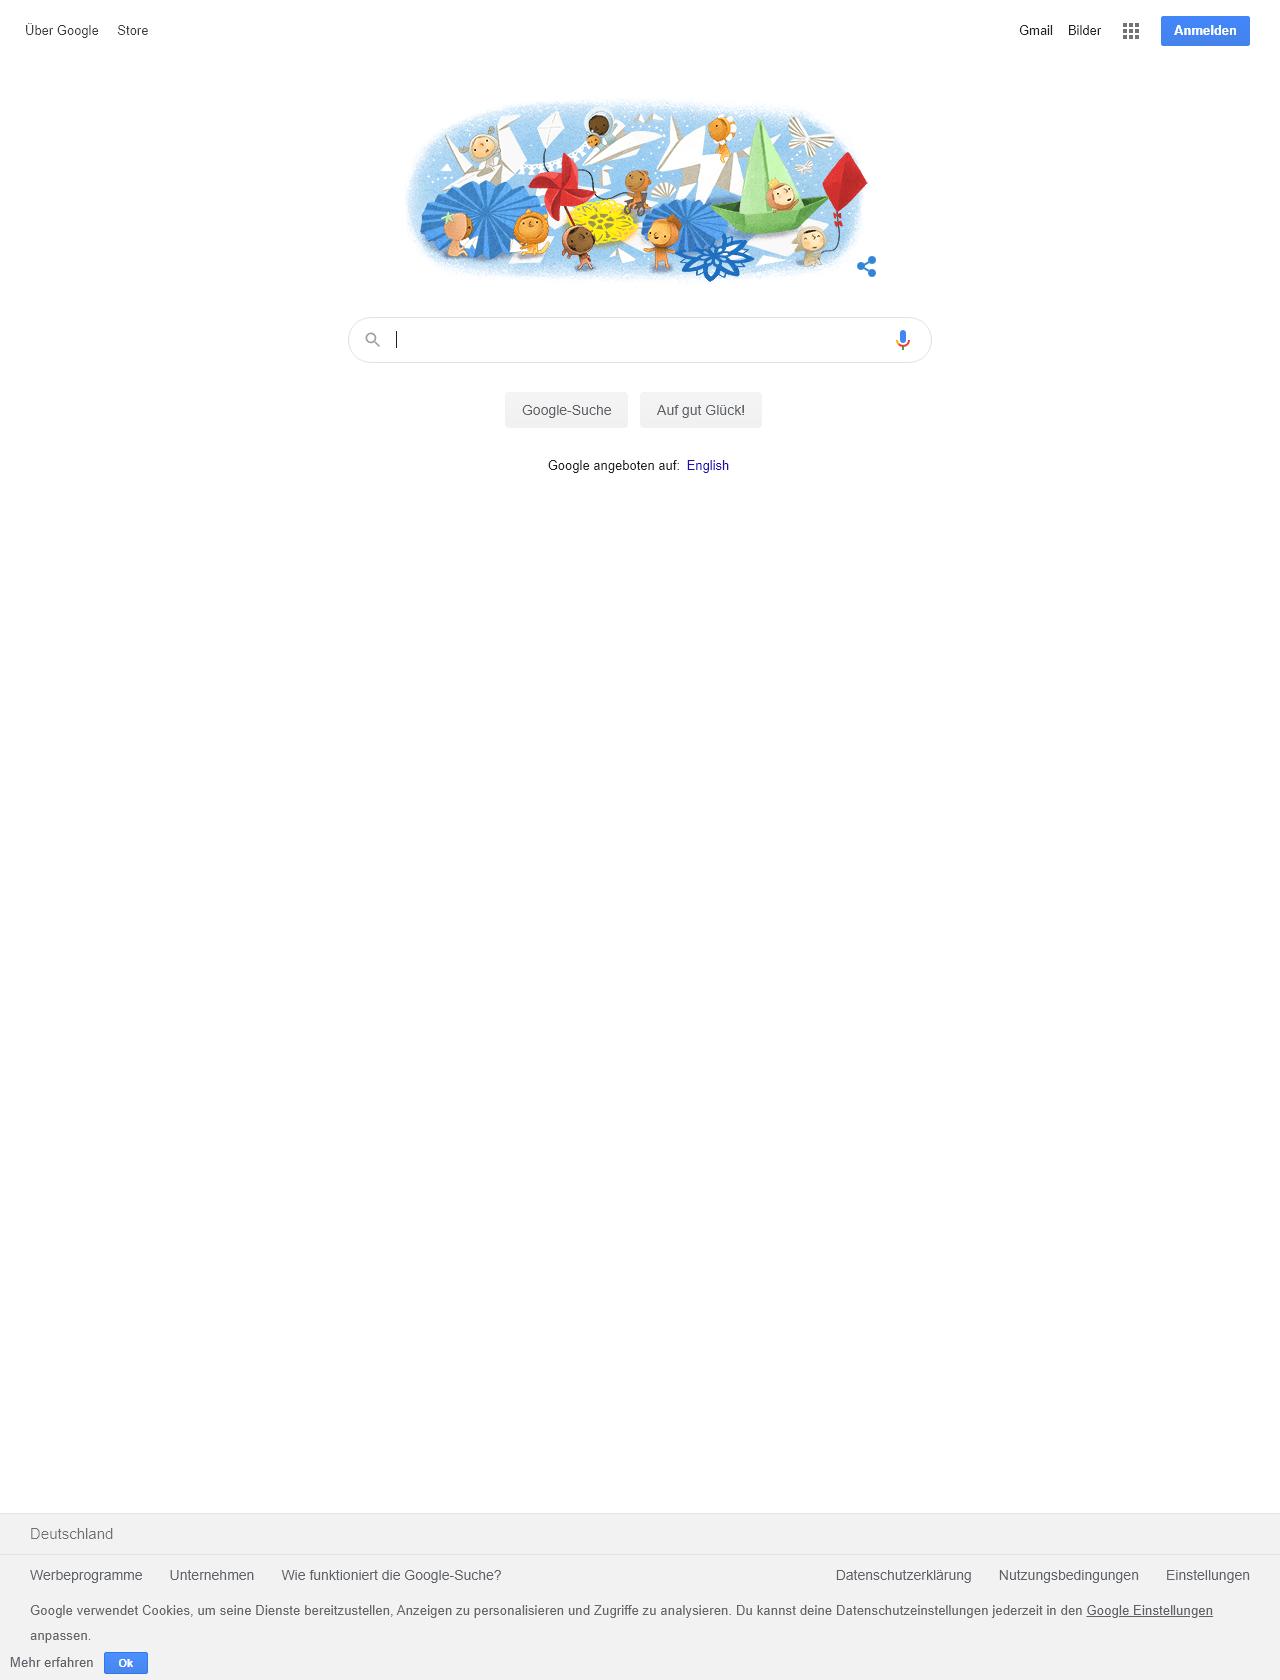 Screenshot Desktop - https://www.google.com/